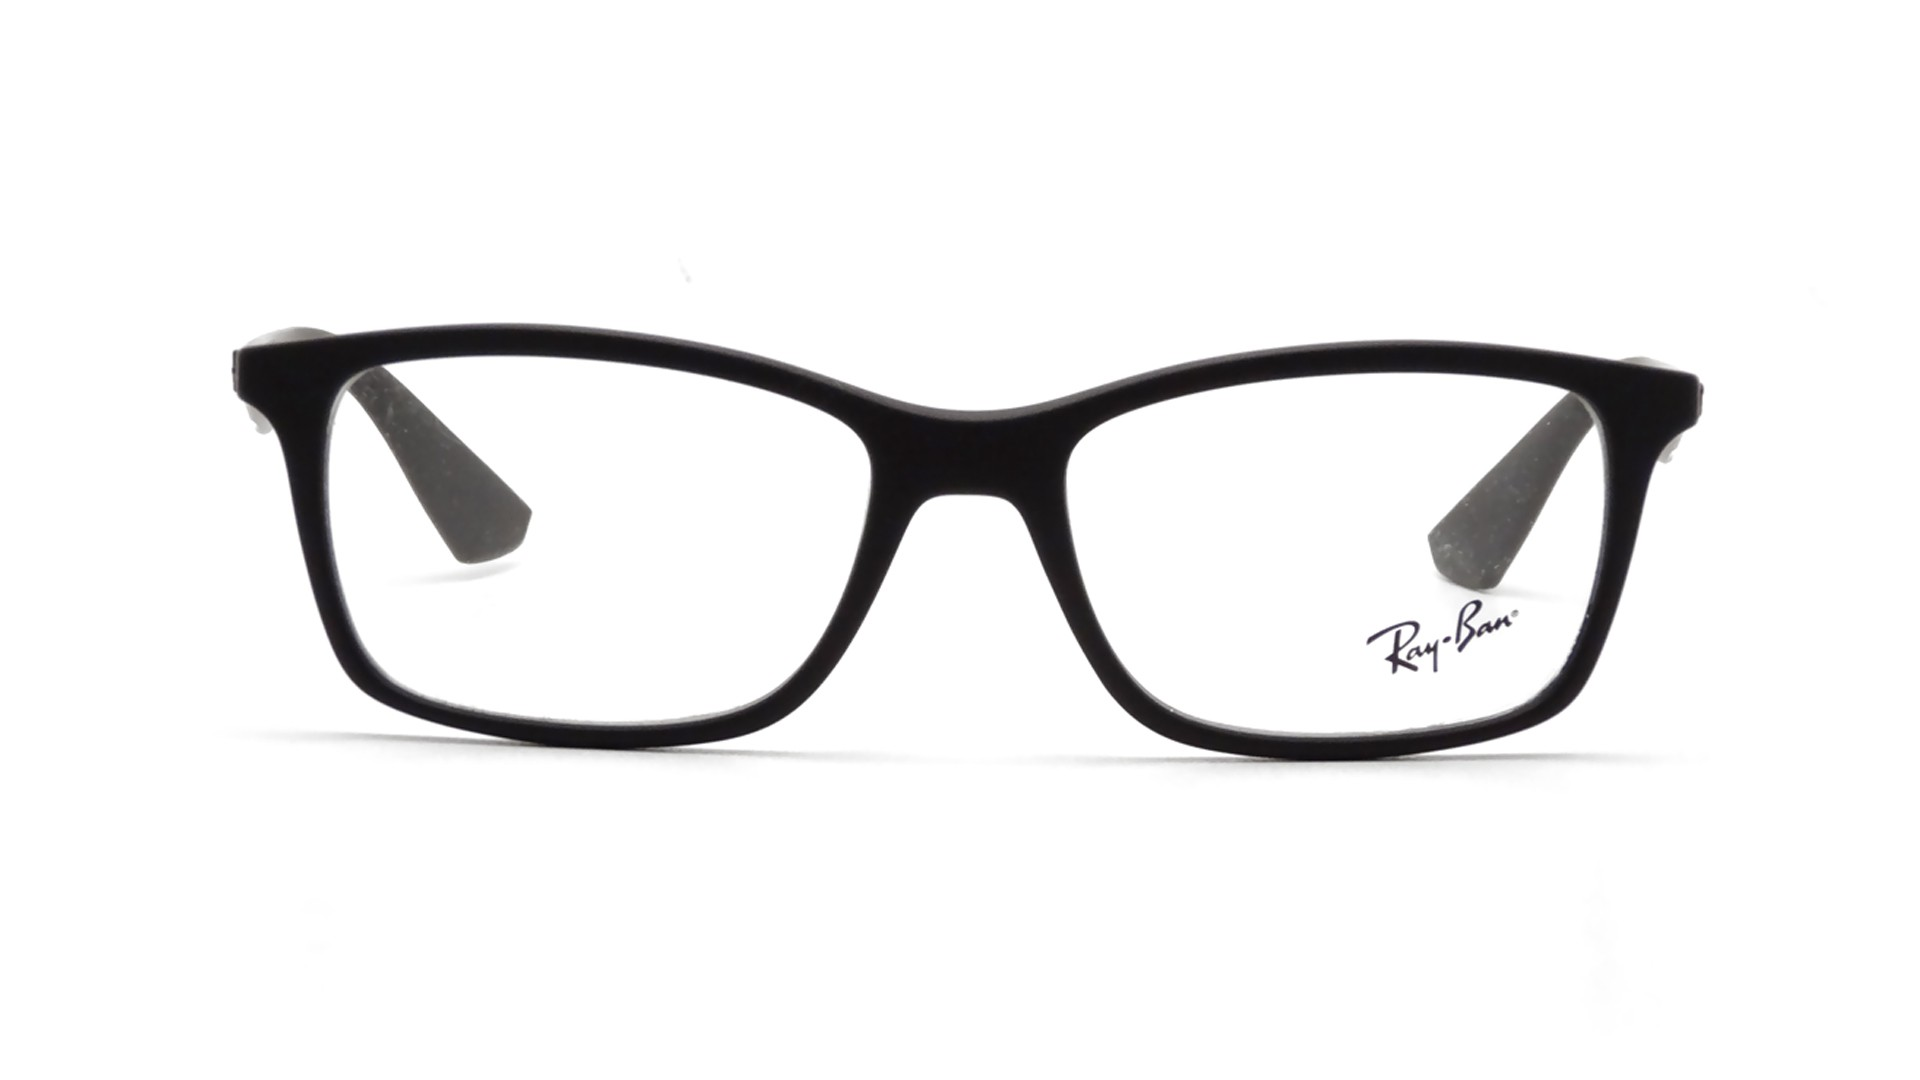 1a1b8a2d229 Eyeglasses Ray-Ban Active Lifestyle Black RX7047 RB7047 5196 54-17 Medium